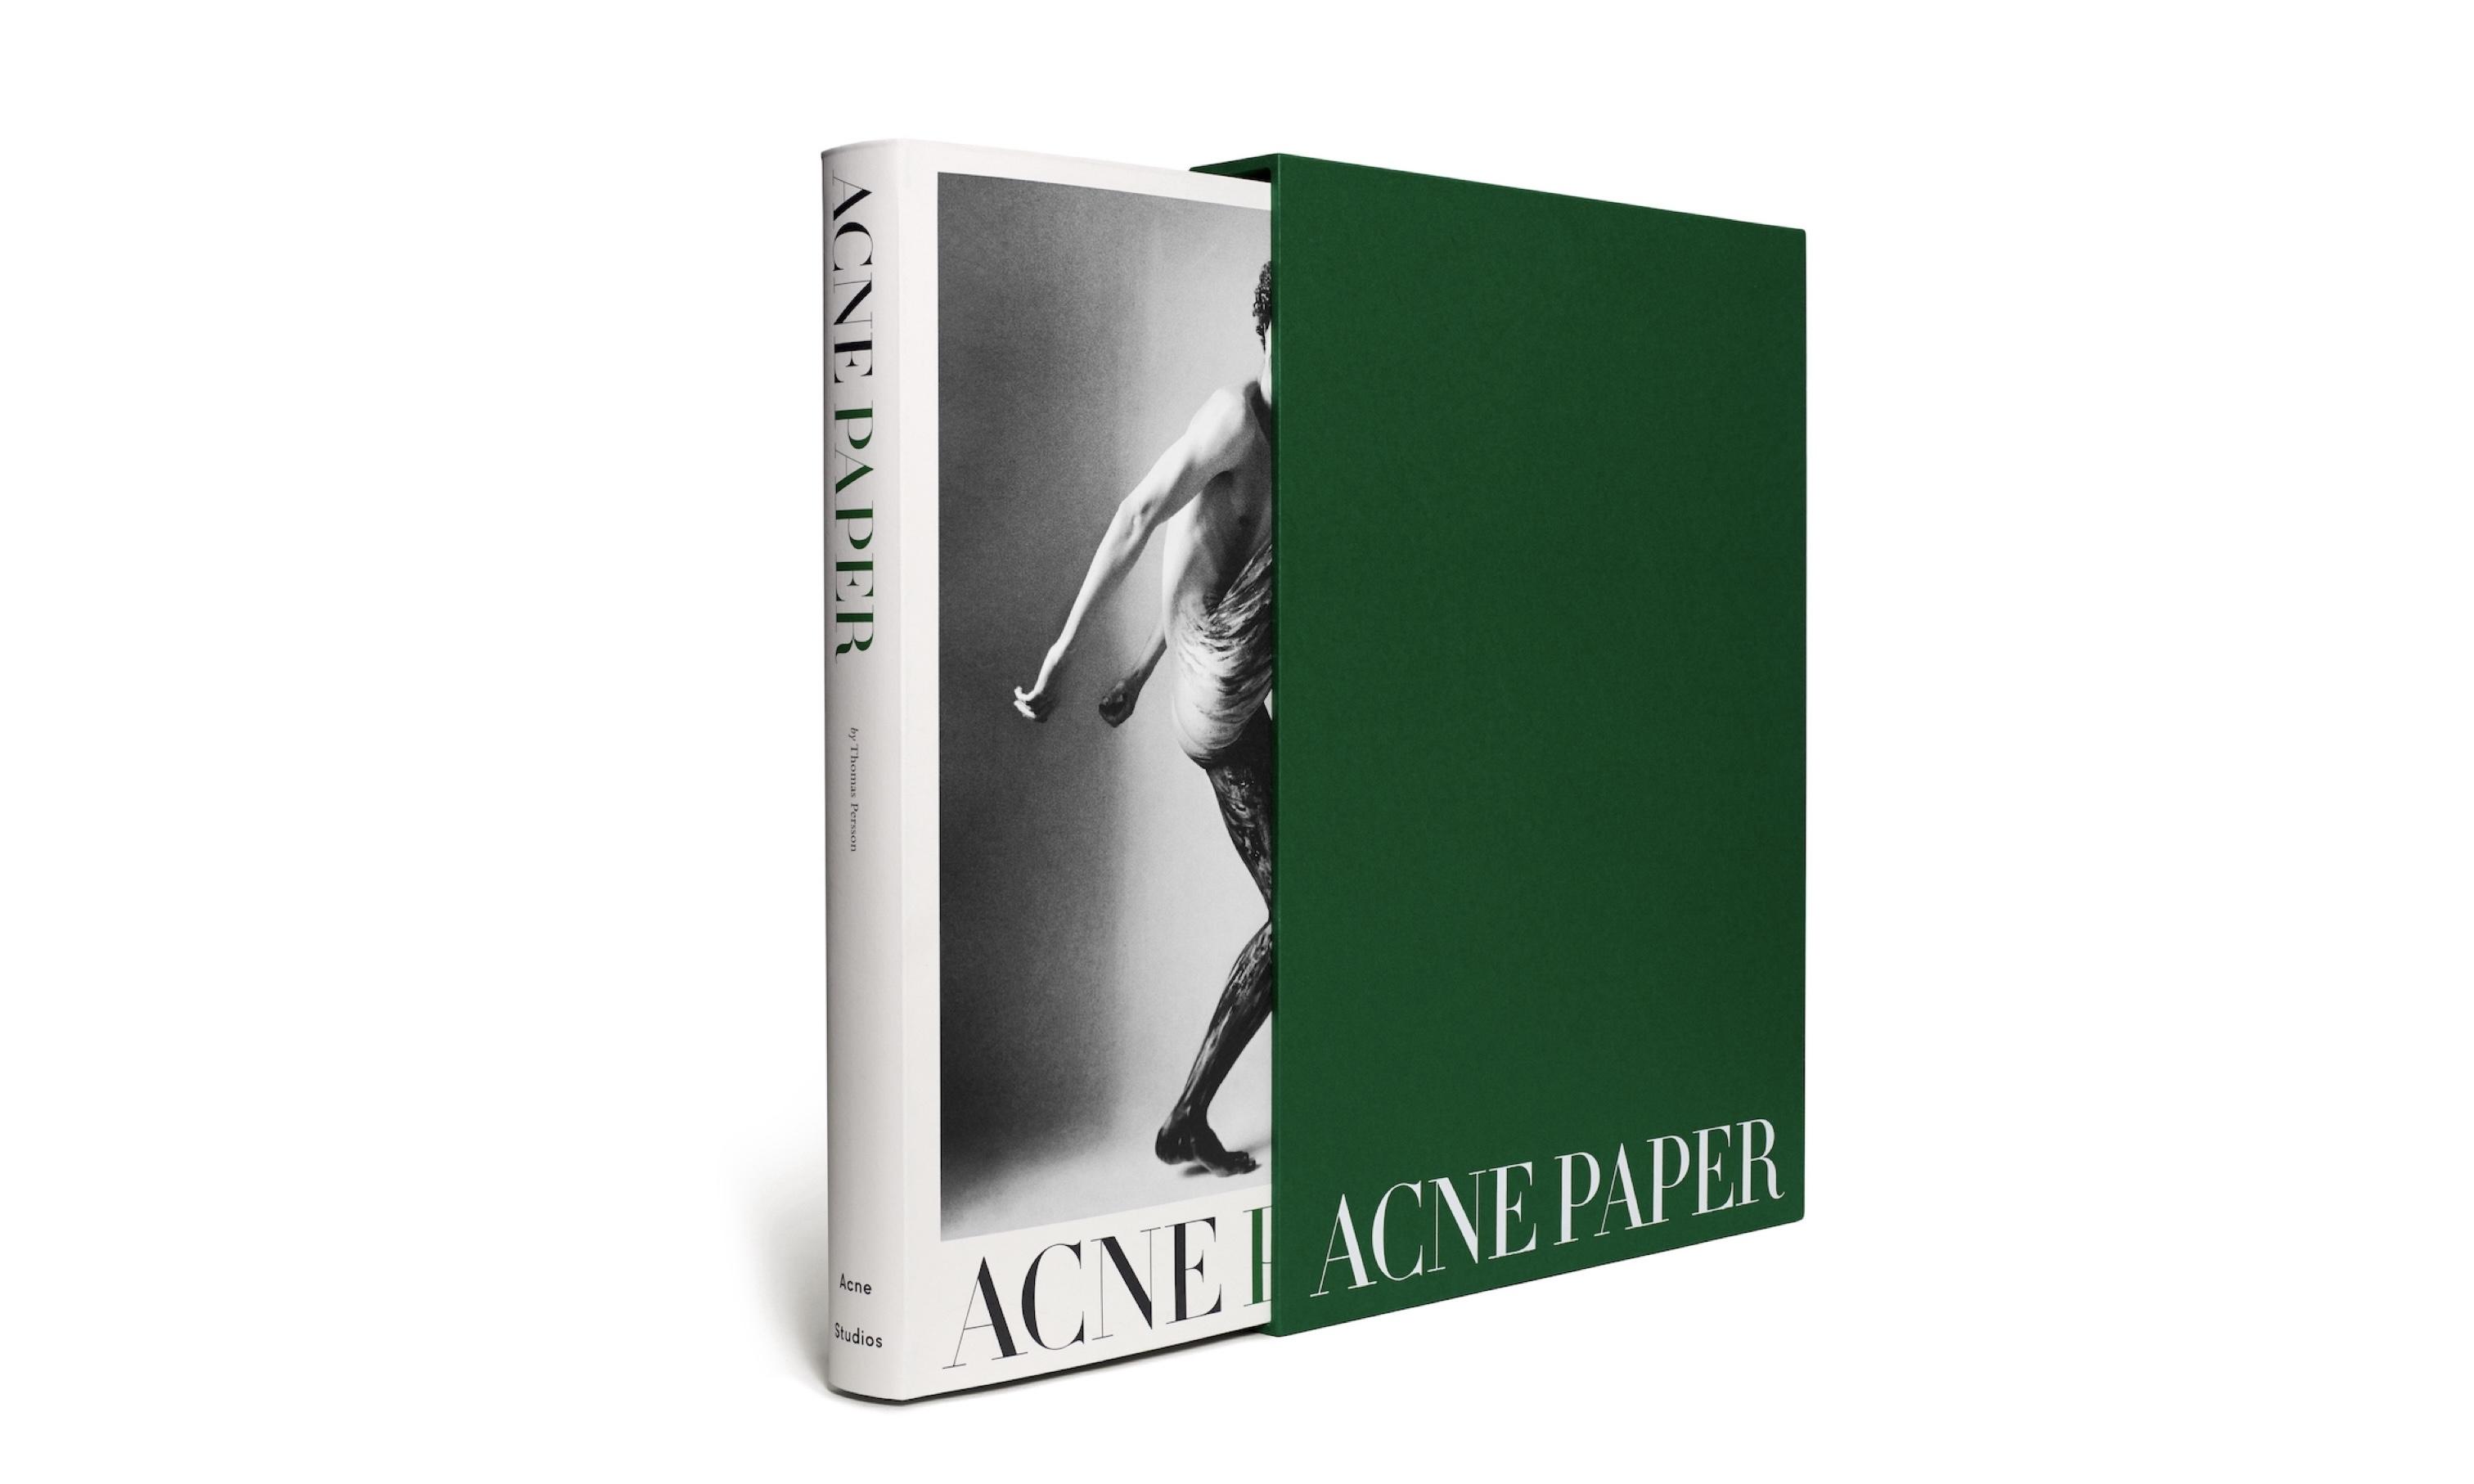 Acne Studiosによる雑誌「Acne Paper」総集本発売